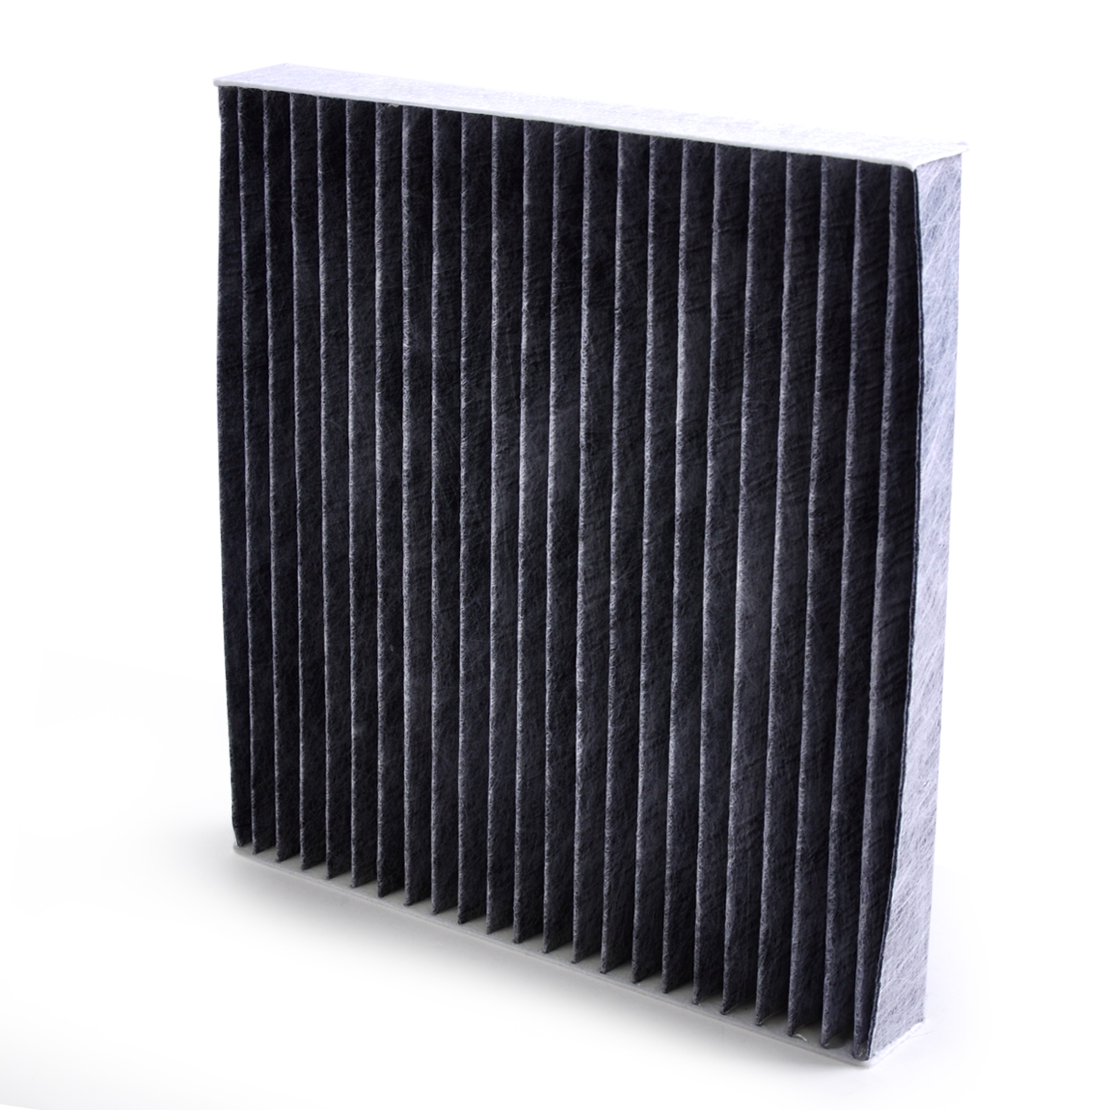 Dwcx cabin air filter 87139 50060 for toyota camry yaris highlander corolla 4runner rav4 tundra